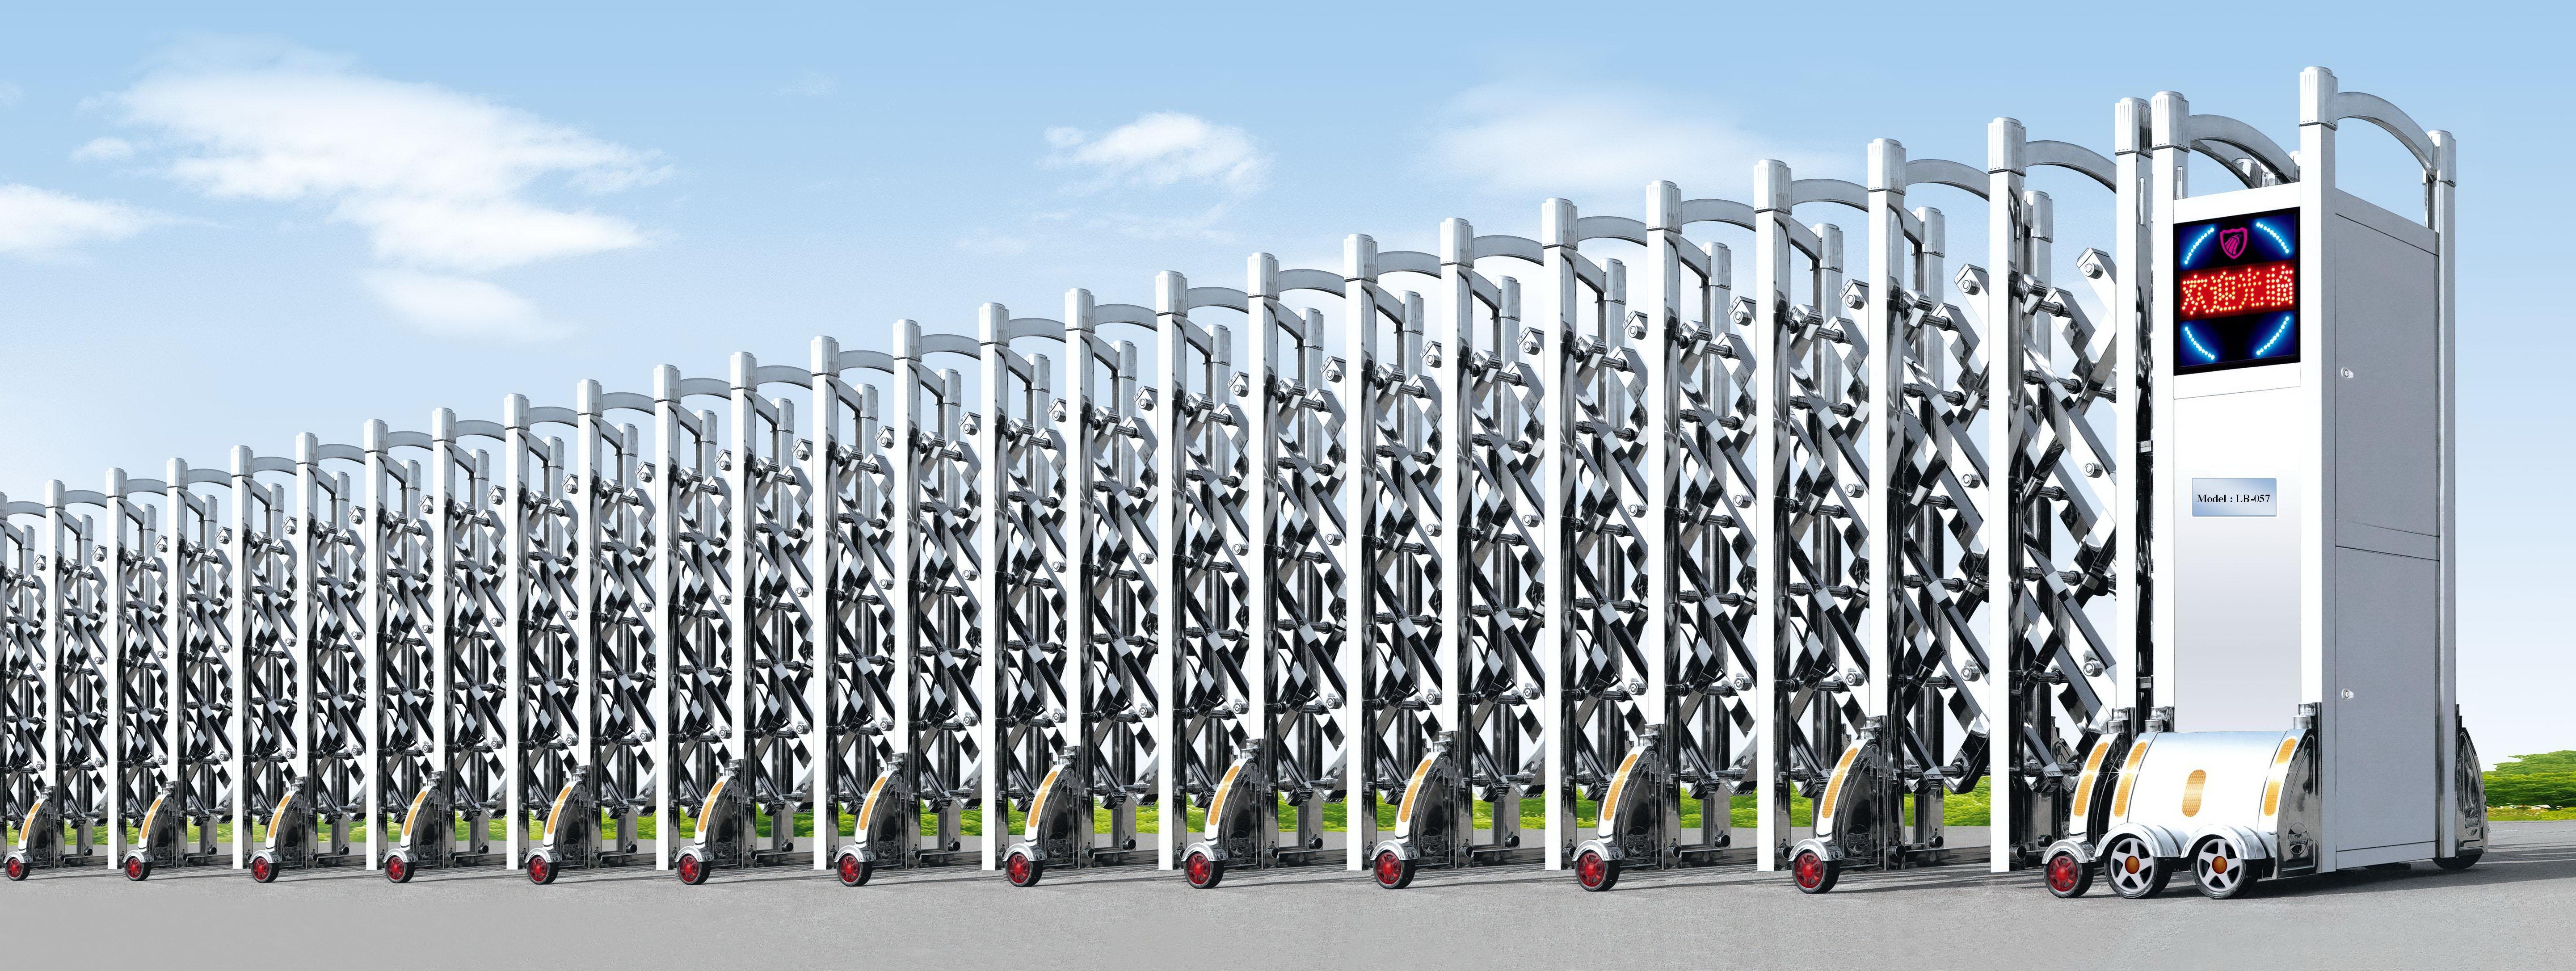 Cổng xếp inox - nhập khẩu 100% từ trung quốc- 0913183440